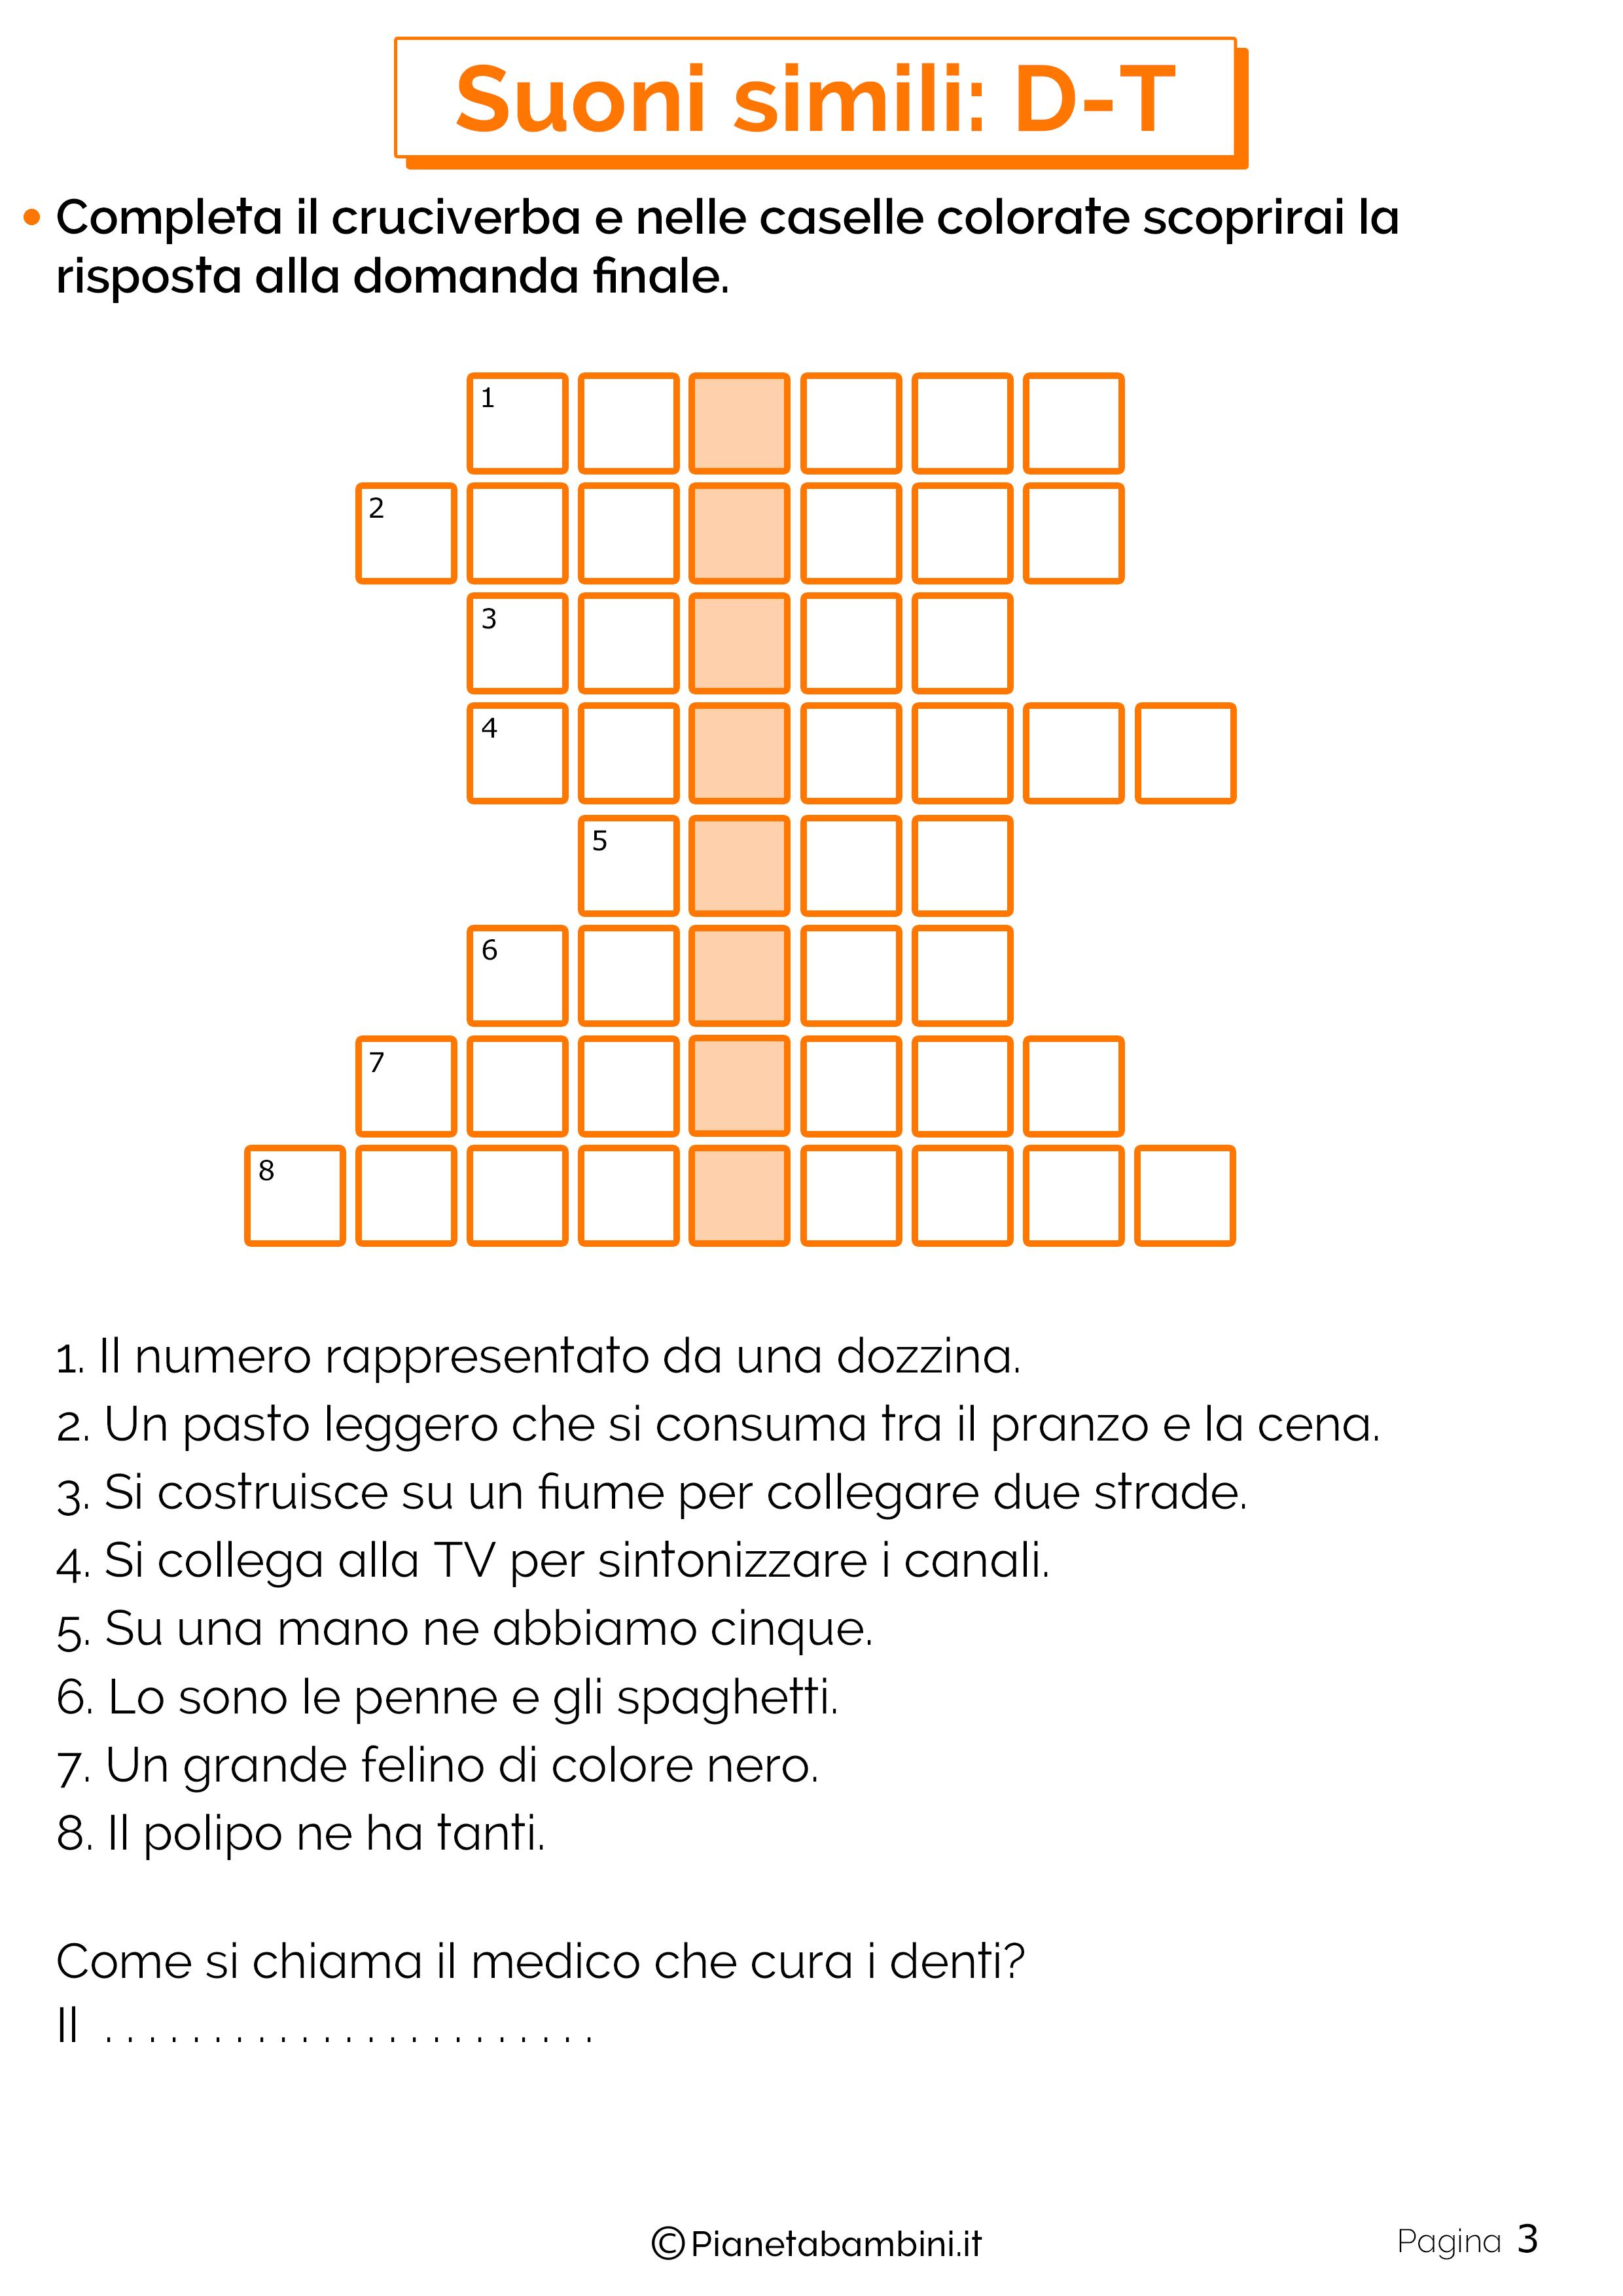 Schede didattiche sui suoni simili D o T pagina 3